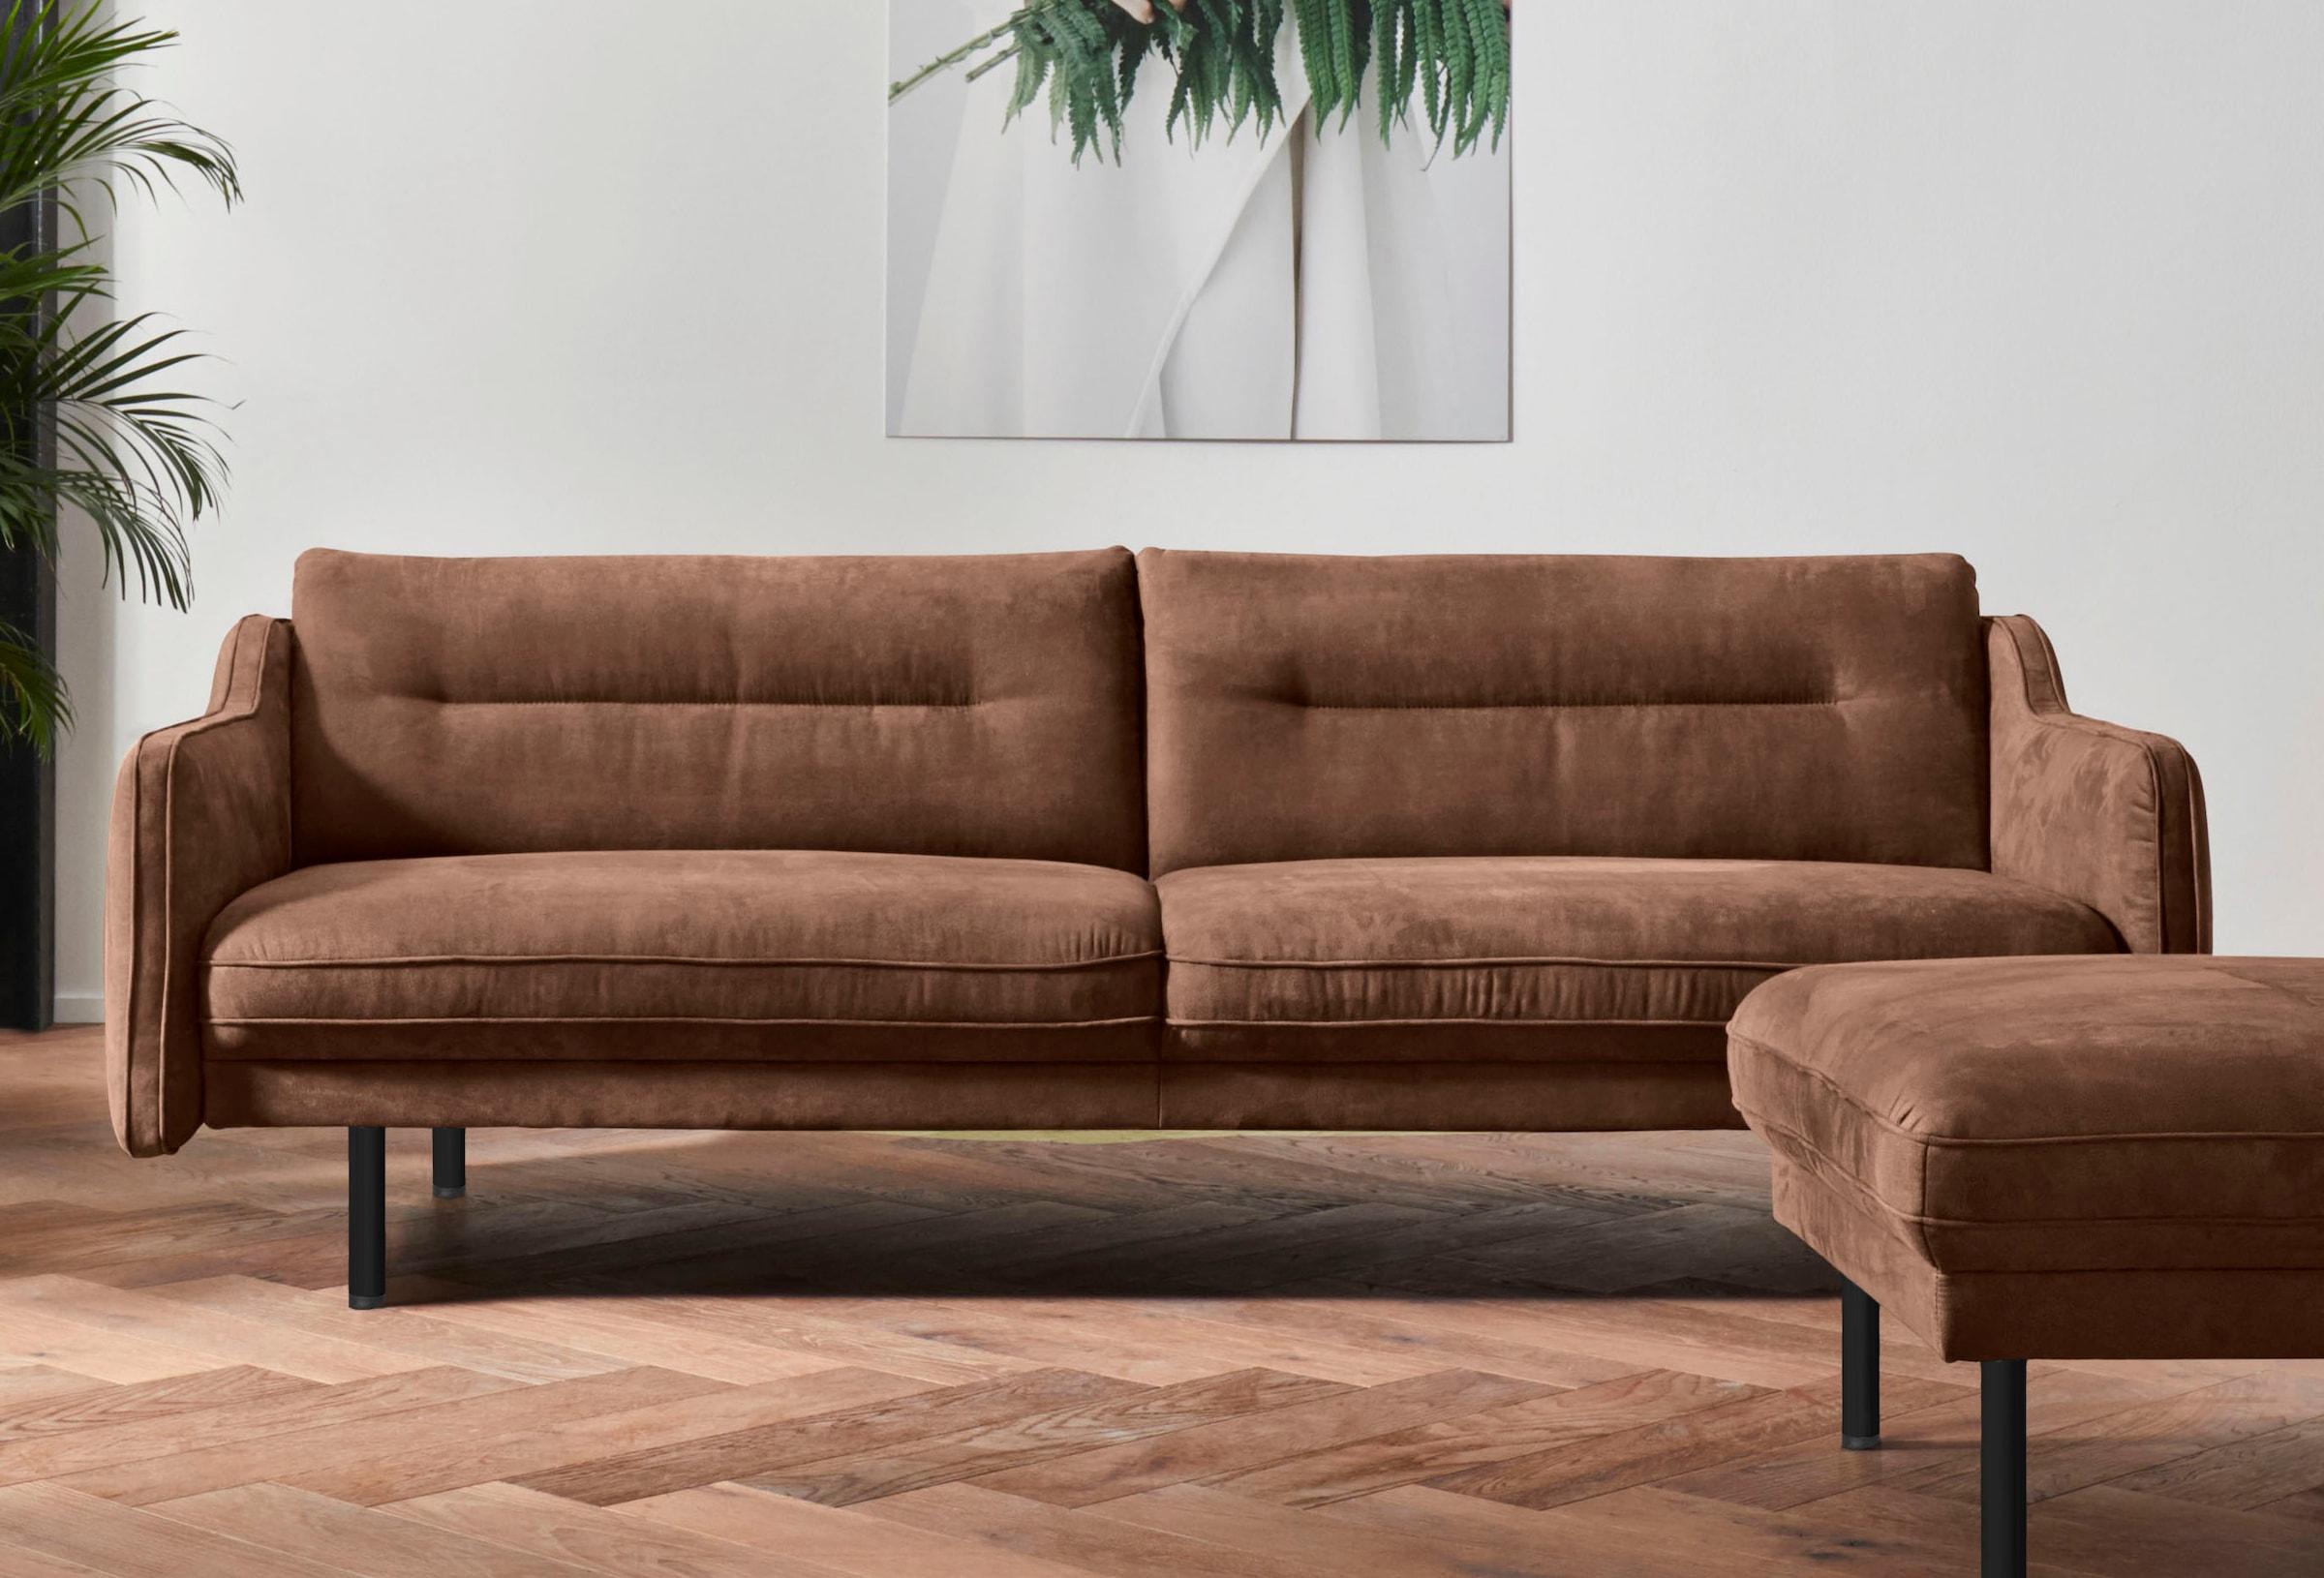 Image of andas 2,5-Sitzer »Nordfyn«, edles Design in 3 Bezugsqualitäten, Design by Morten Georgsen